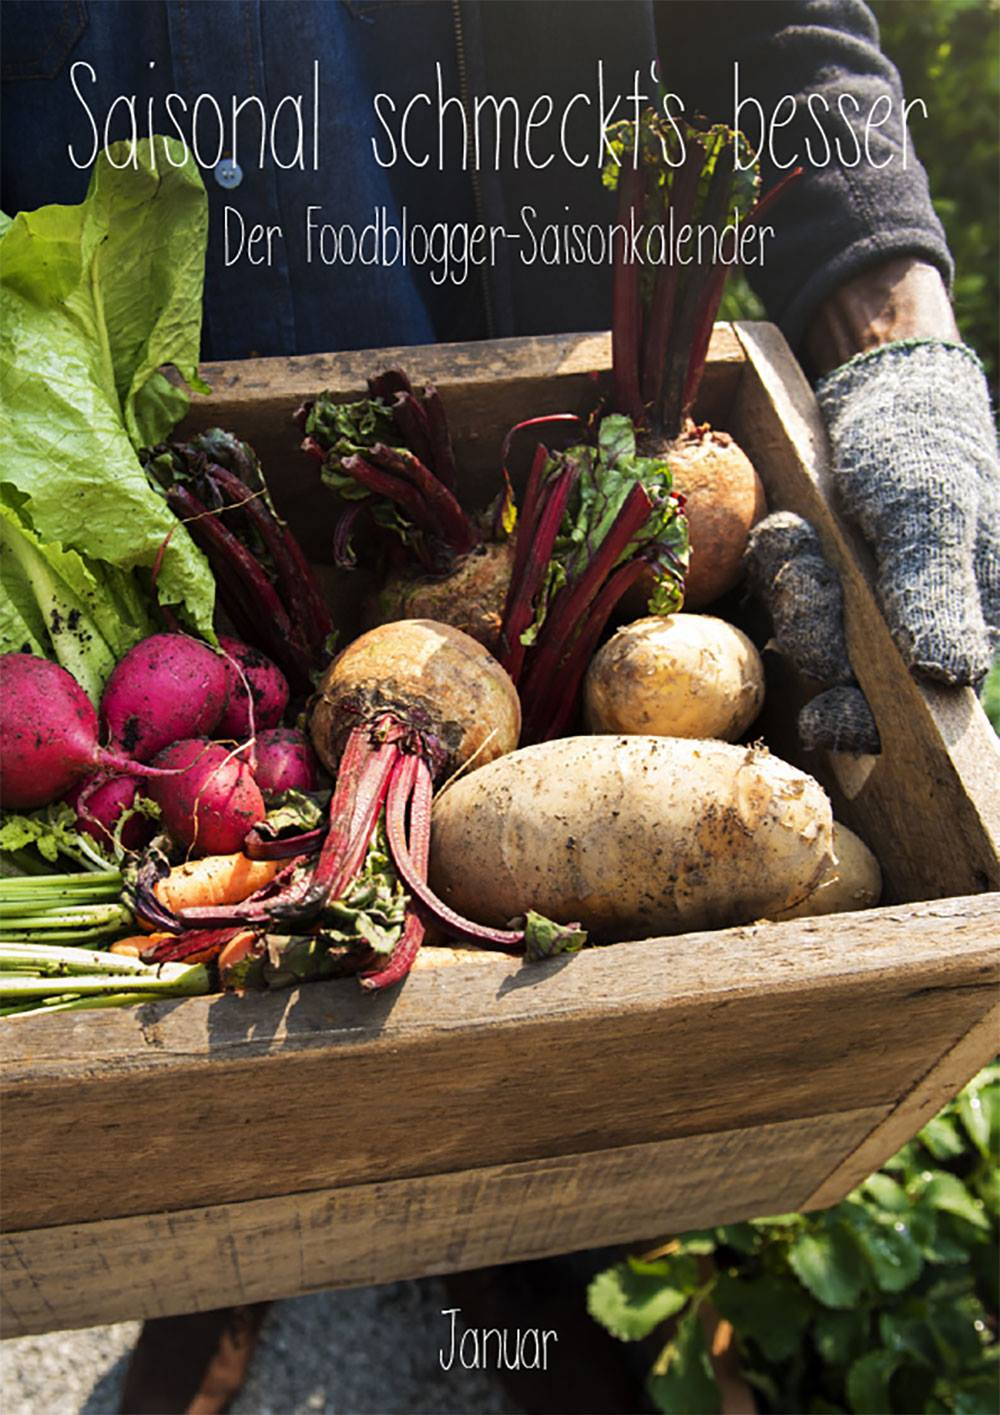 Saisonal schmeckts besser Januar